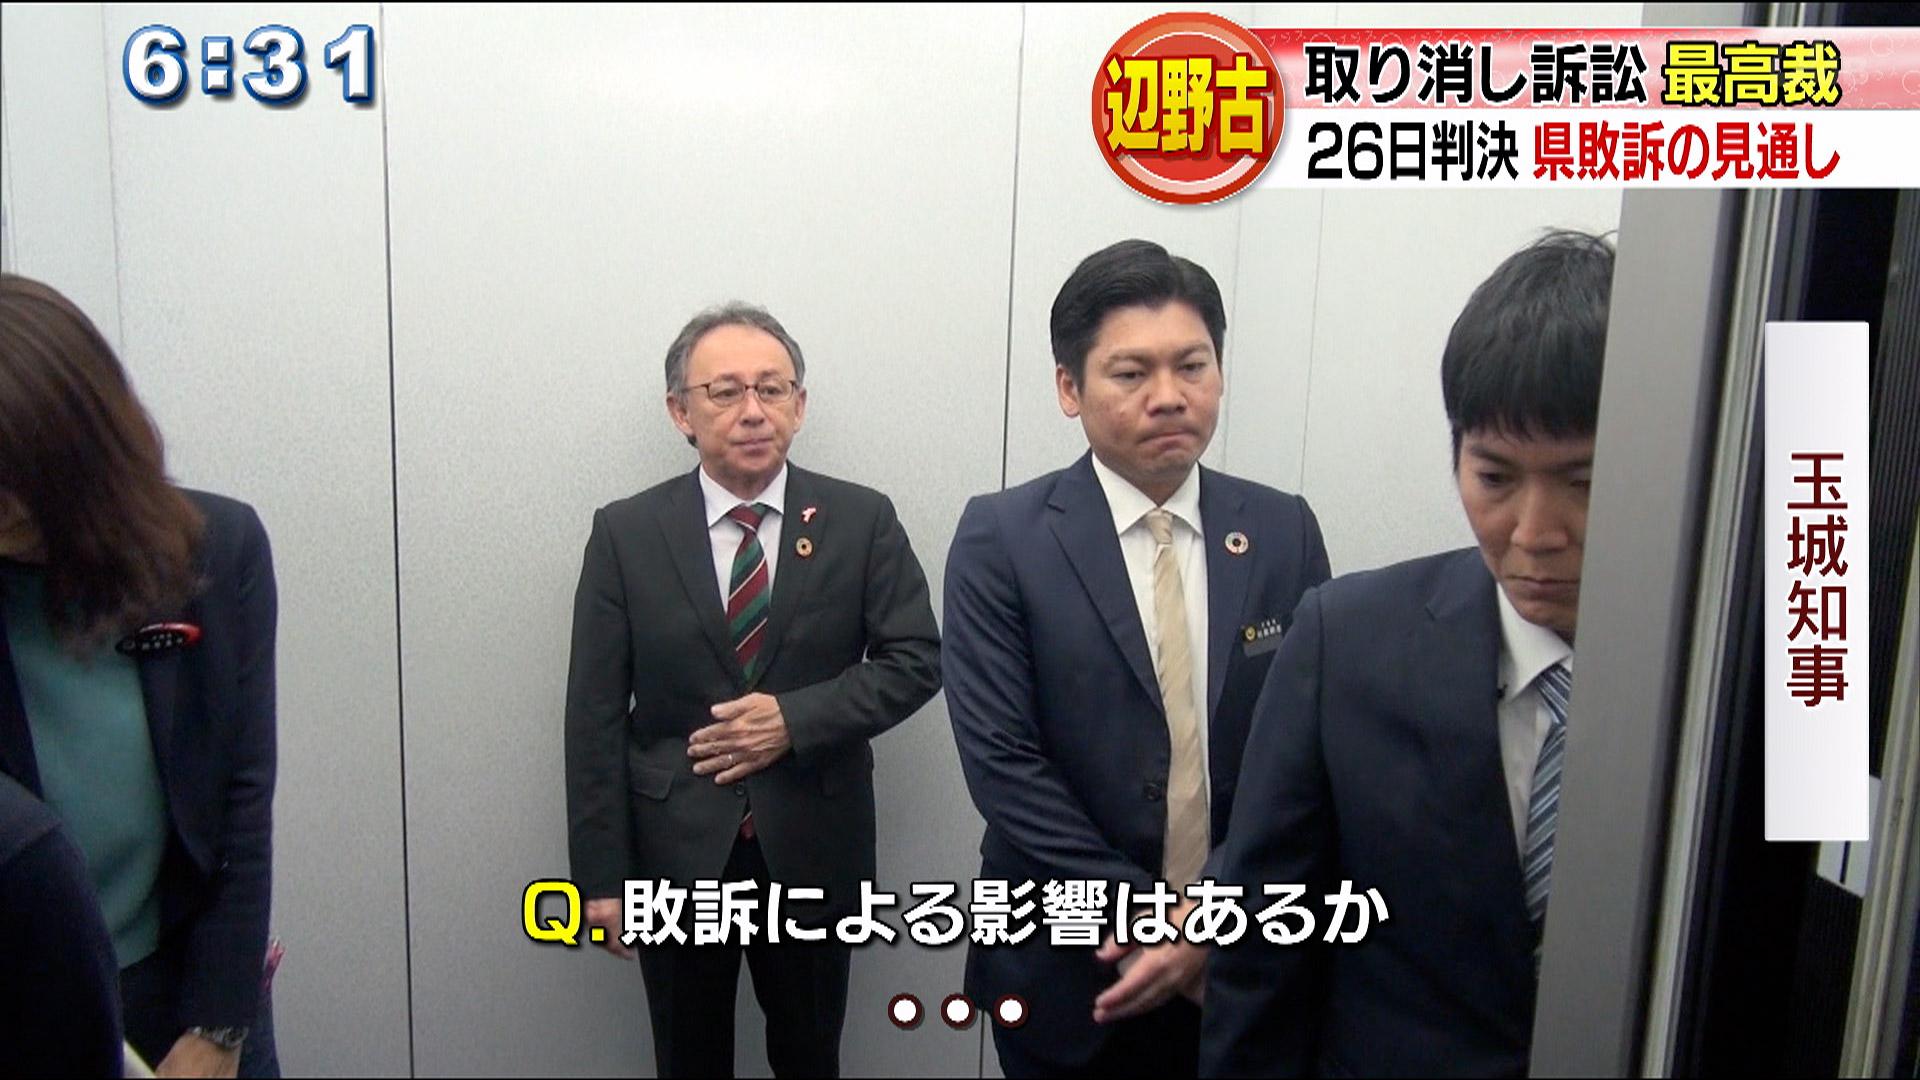 辺野古 県側敗訴の見通し 最高裁が弁論せず判決へ